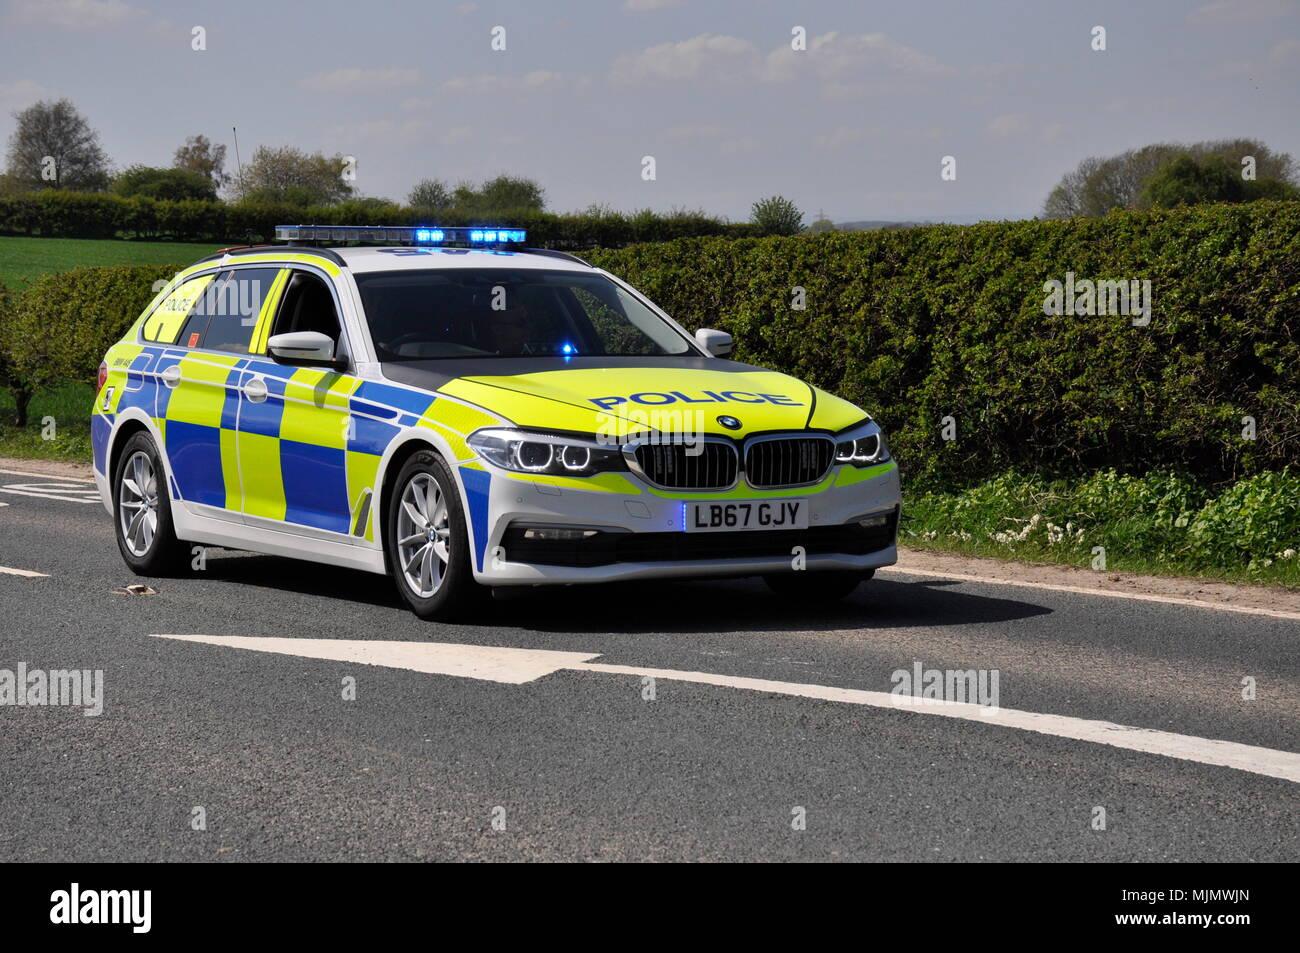 Police Car UK - Stock Image